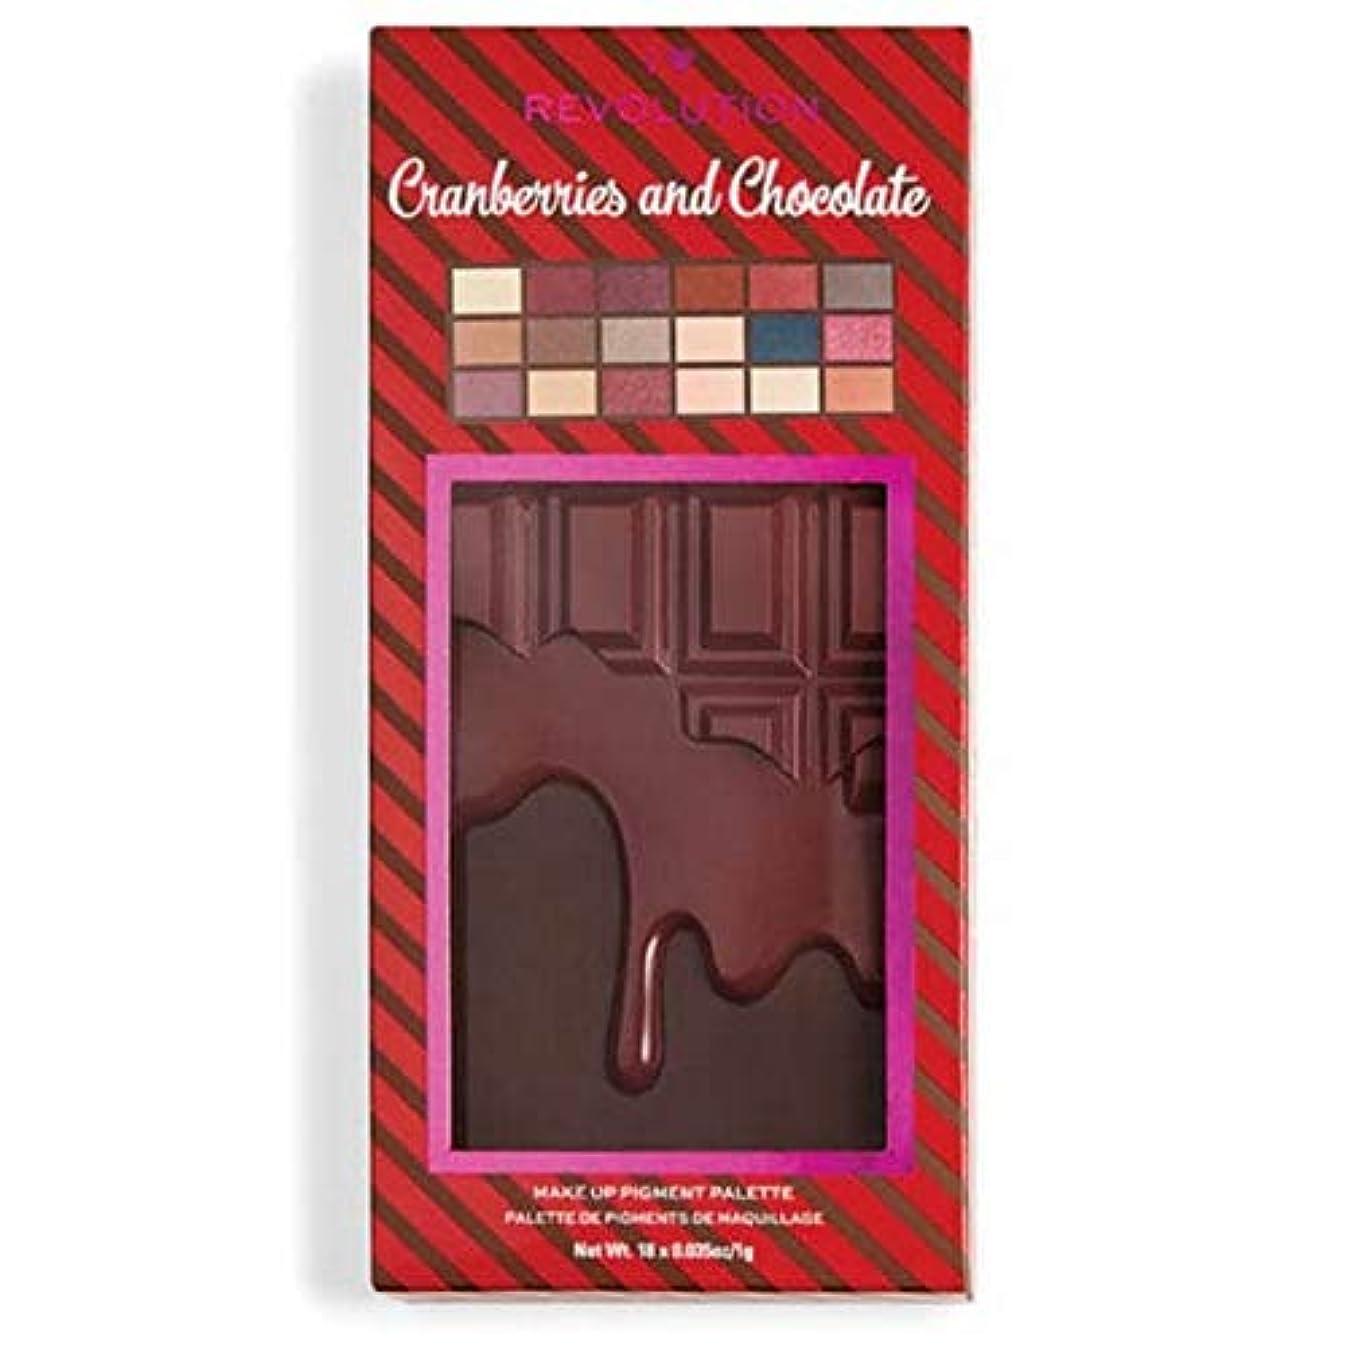 マイナー湿原宣言する[I Heart Revolution ] 私の心の革命クランベリー&チョコレートパレット - I Heart Revolution Cranberries & Chocolate Palette [並行輸入品]